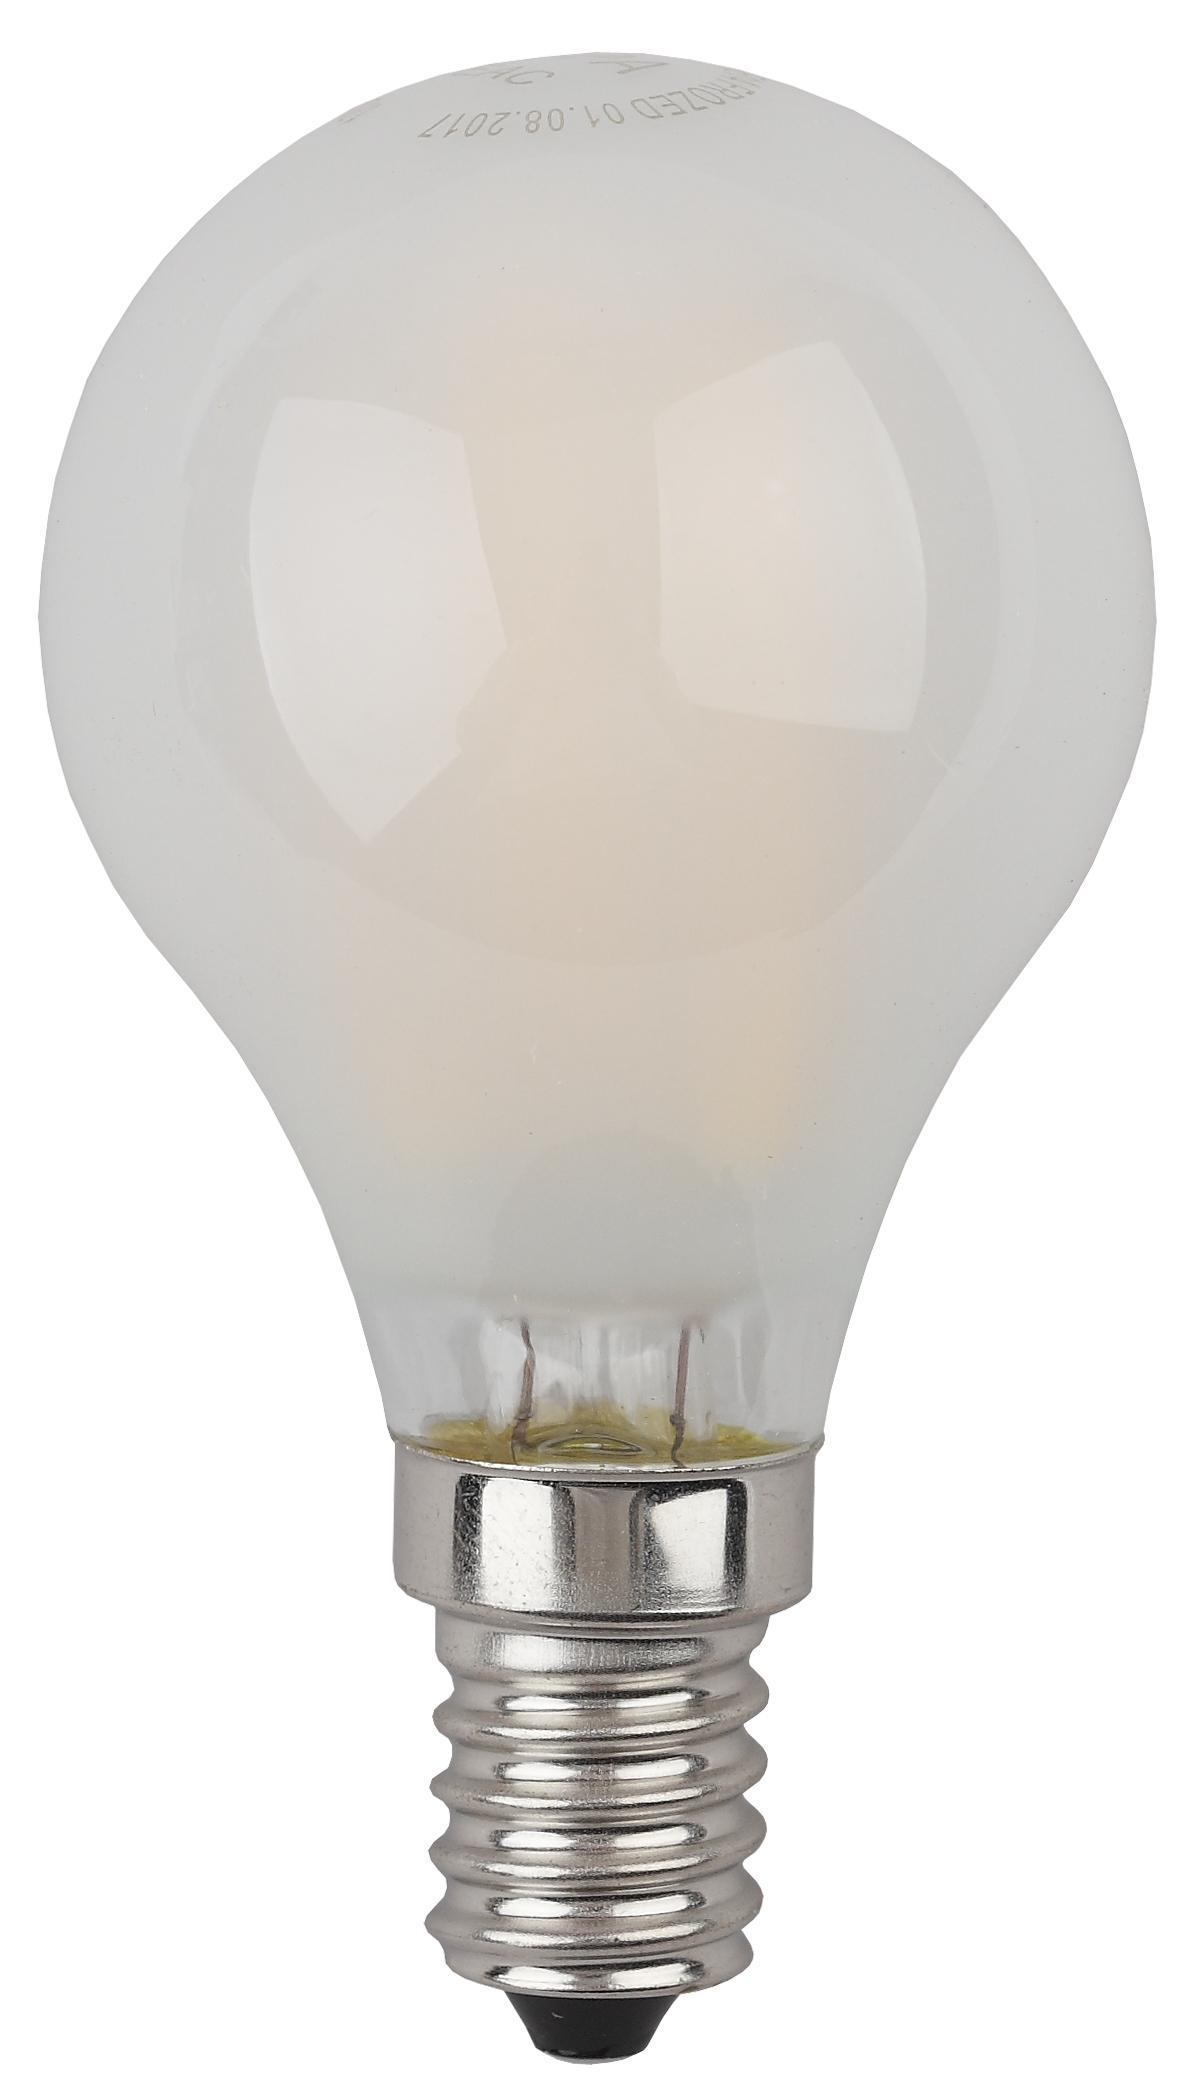 Лампа светодиодная ЭРА F-led p45-7w-840-e14 frozed